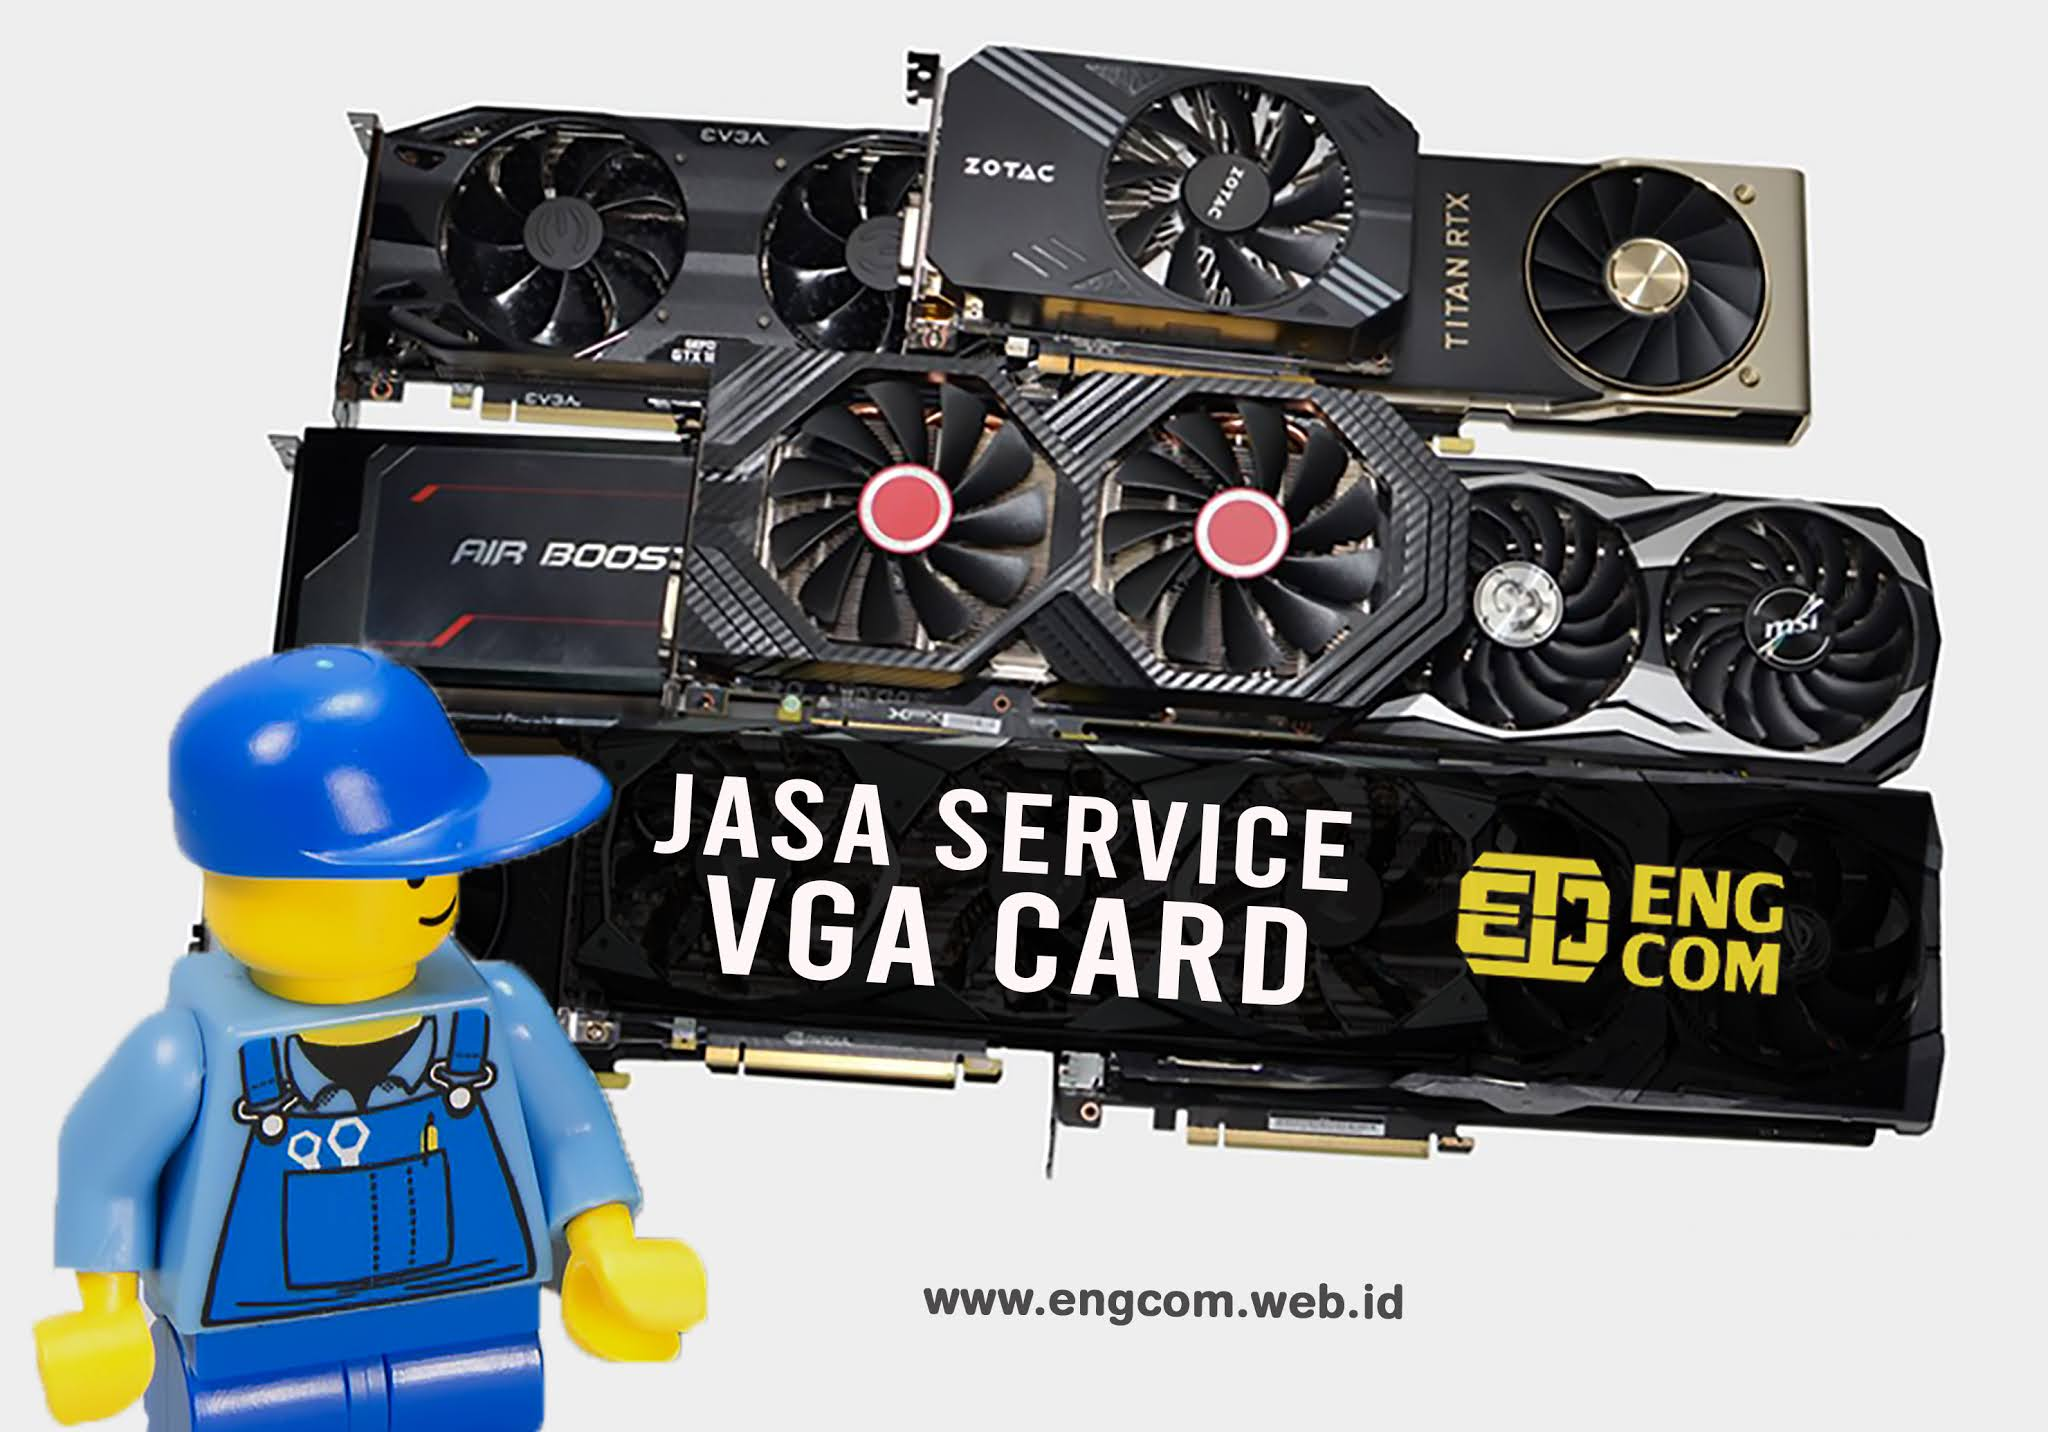 Jasa Service VGA Card